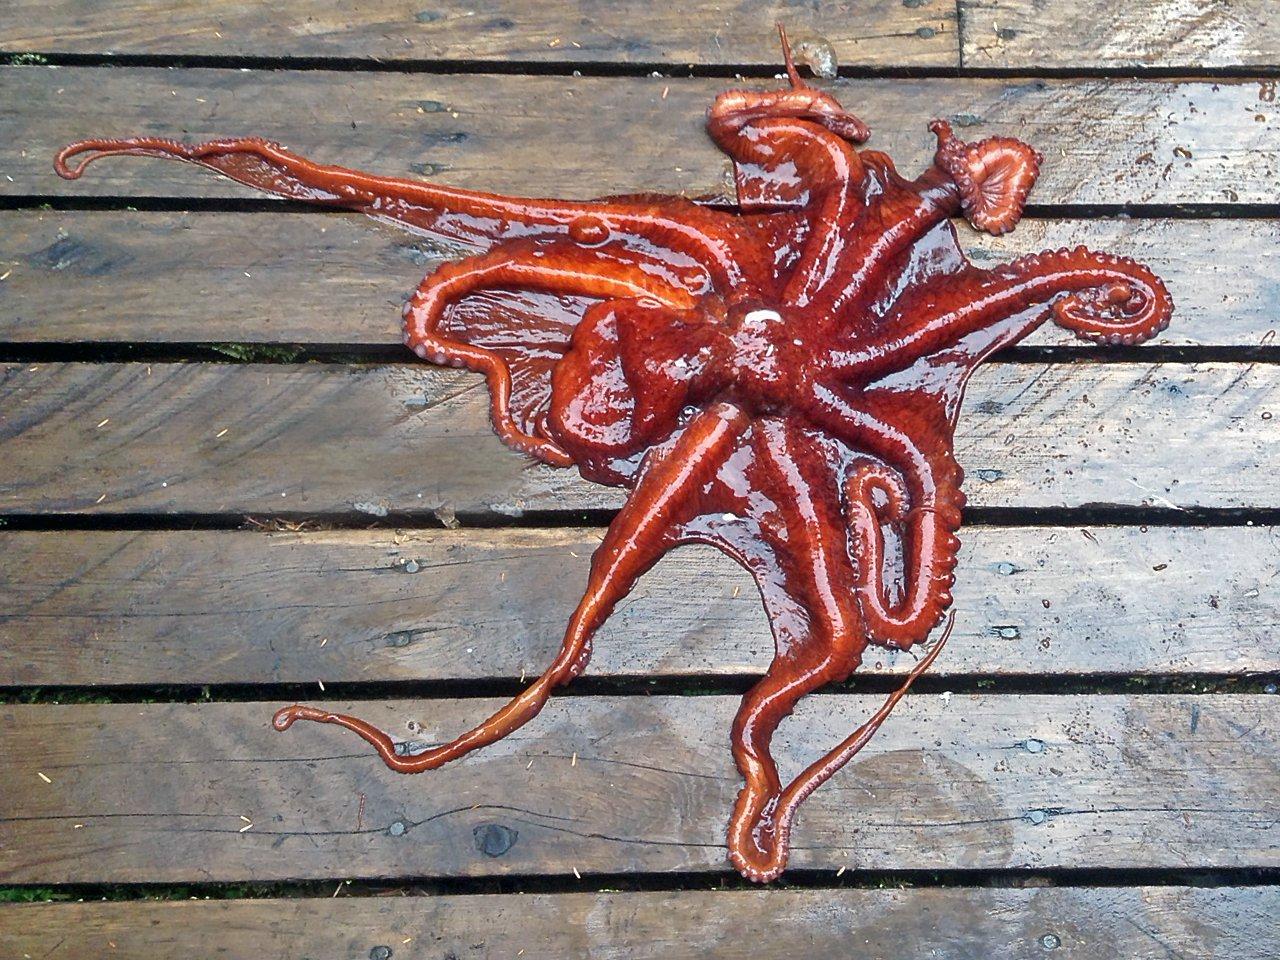 Octopus aka Tako!